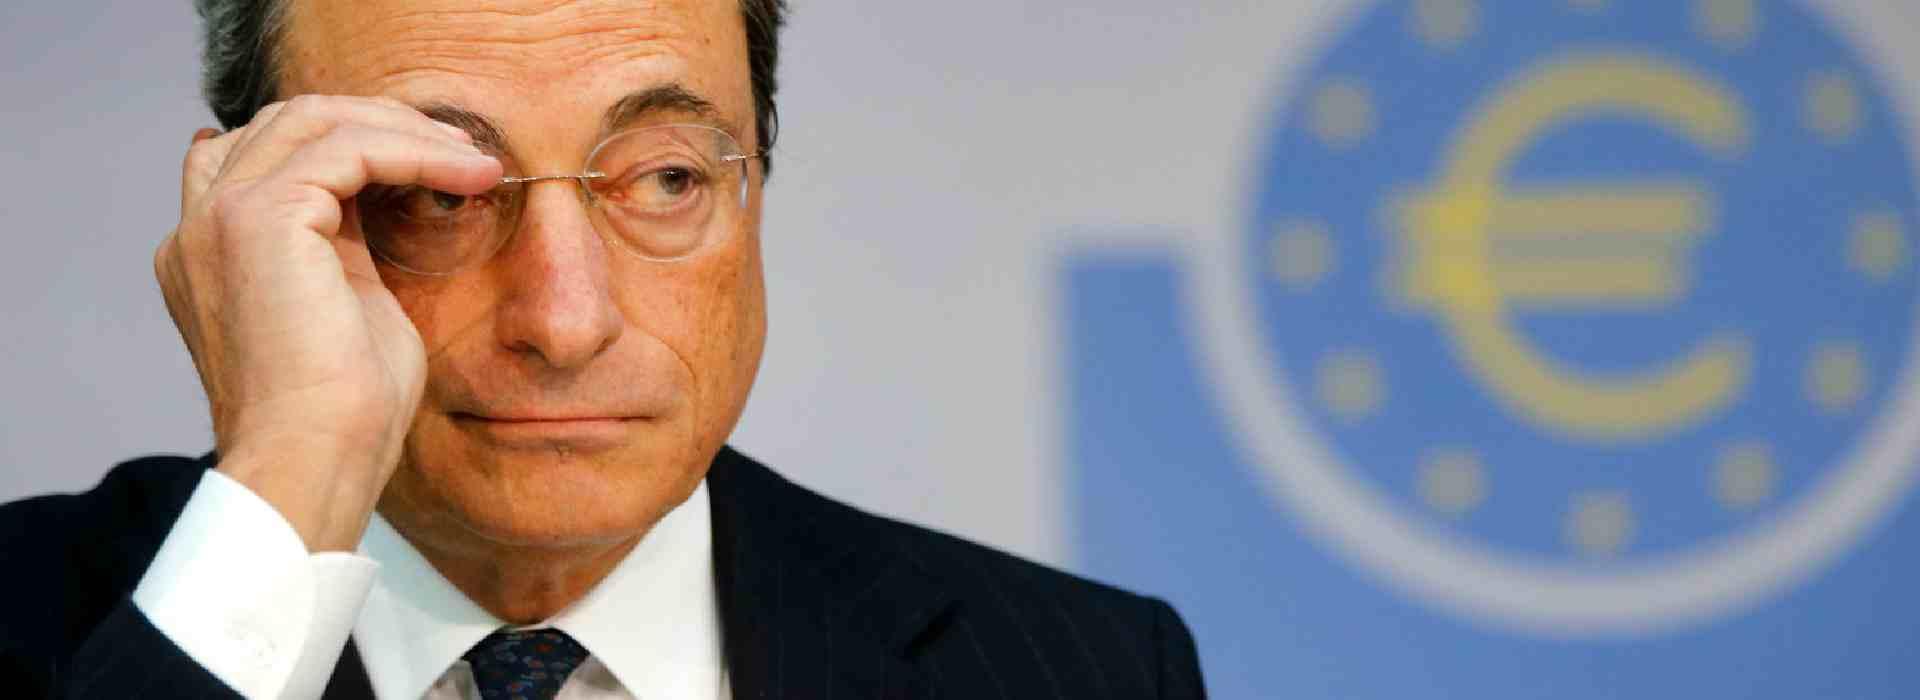 Stato armato: il governo Draghi toglie a Sanità e Green per dare all'industria militare